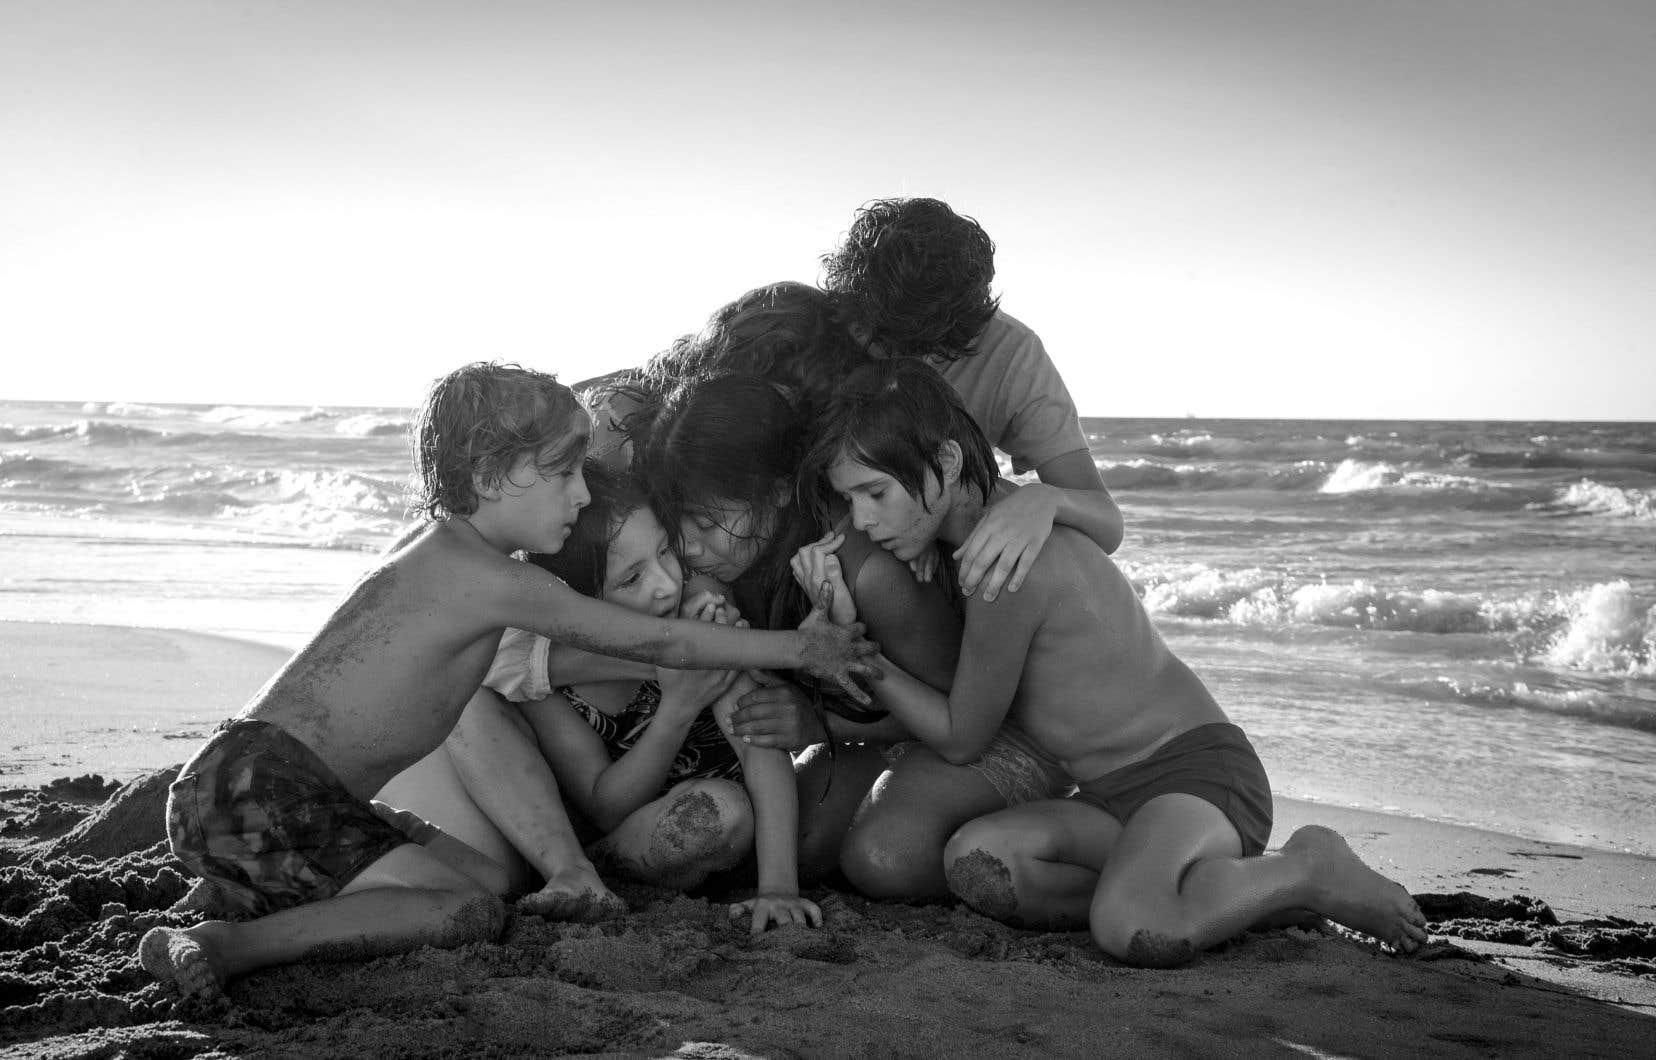 Tout dans ce film contemplatif et immersif, tiré de l'enfance du cinéaste, respire la vérité de l'expérience vécue.